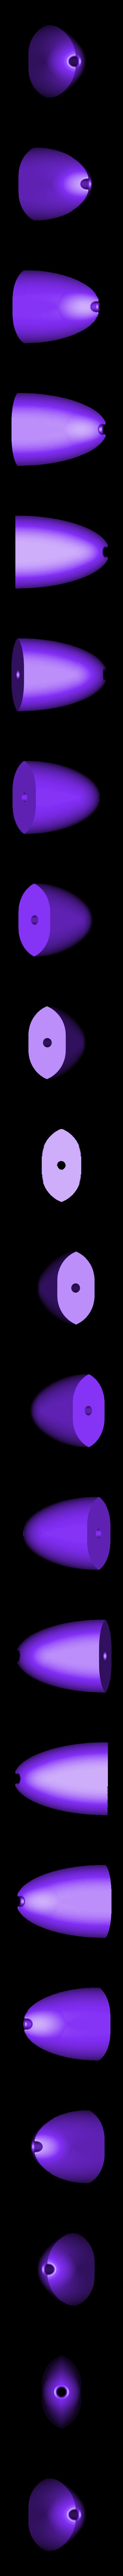 FLOATS.stl Télécharger fichier STL gratuit RAMBO PÊCHE KIT (Mussy Design) • Modèle imprimable en 3D, MuSSy